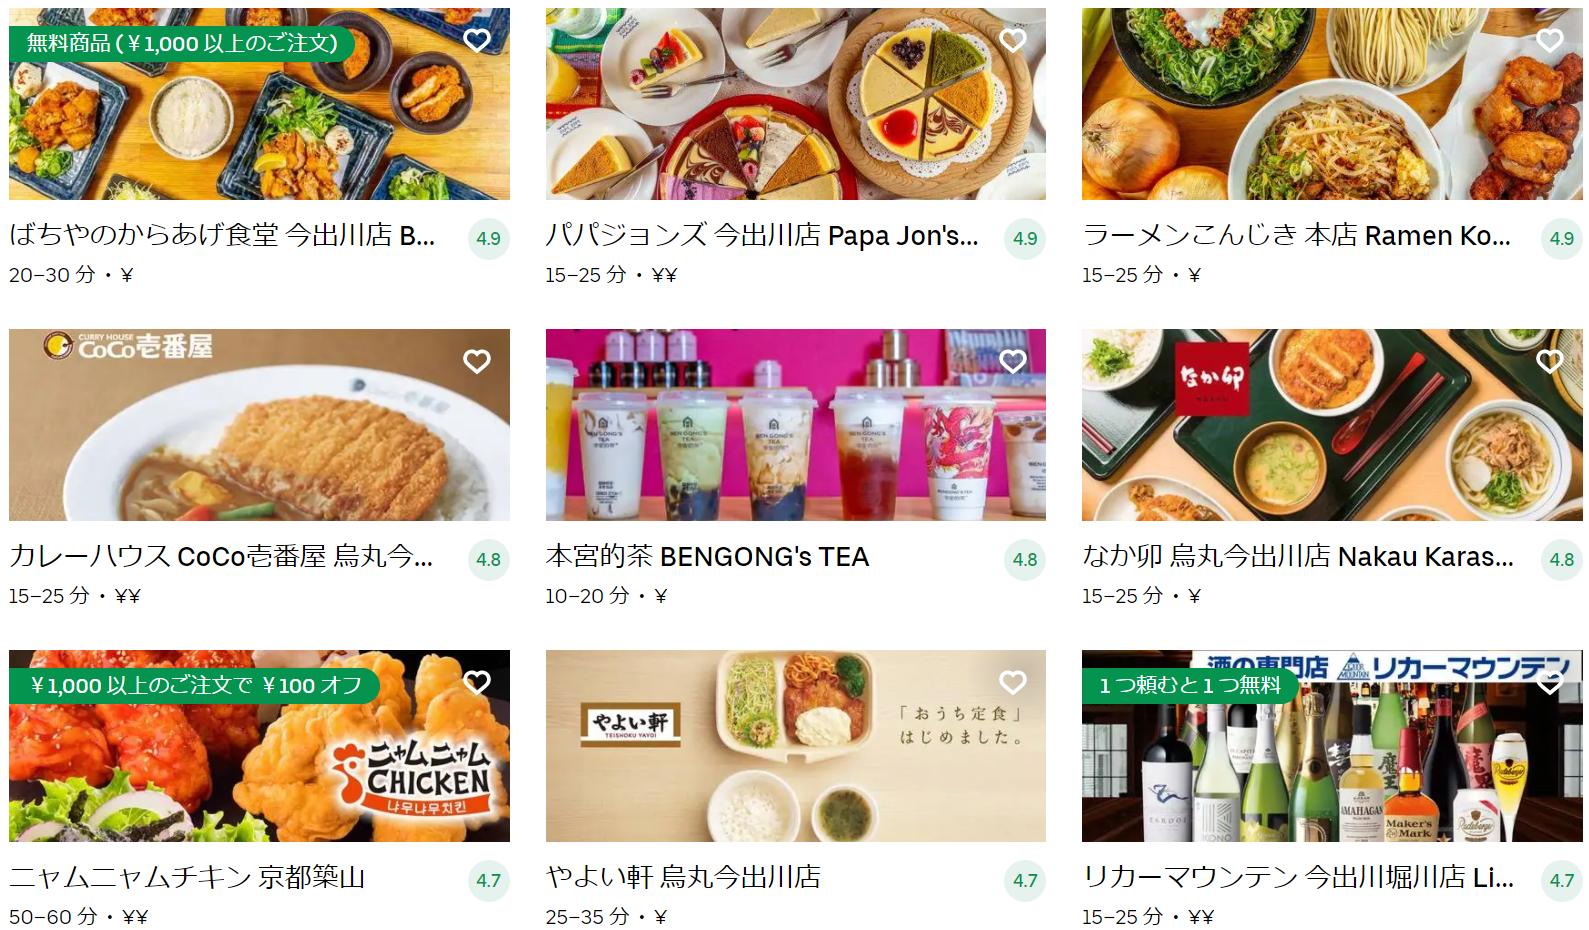 京都市上京区エリアのおすすめUber Eats(ウーバーイーツ)メニュー